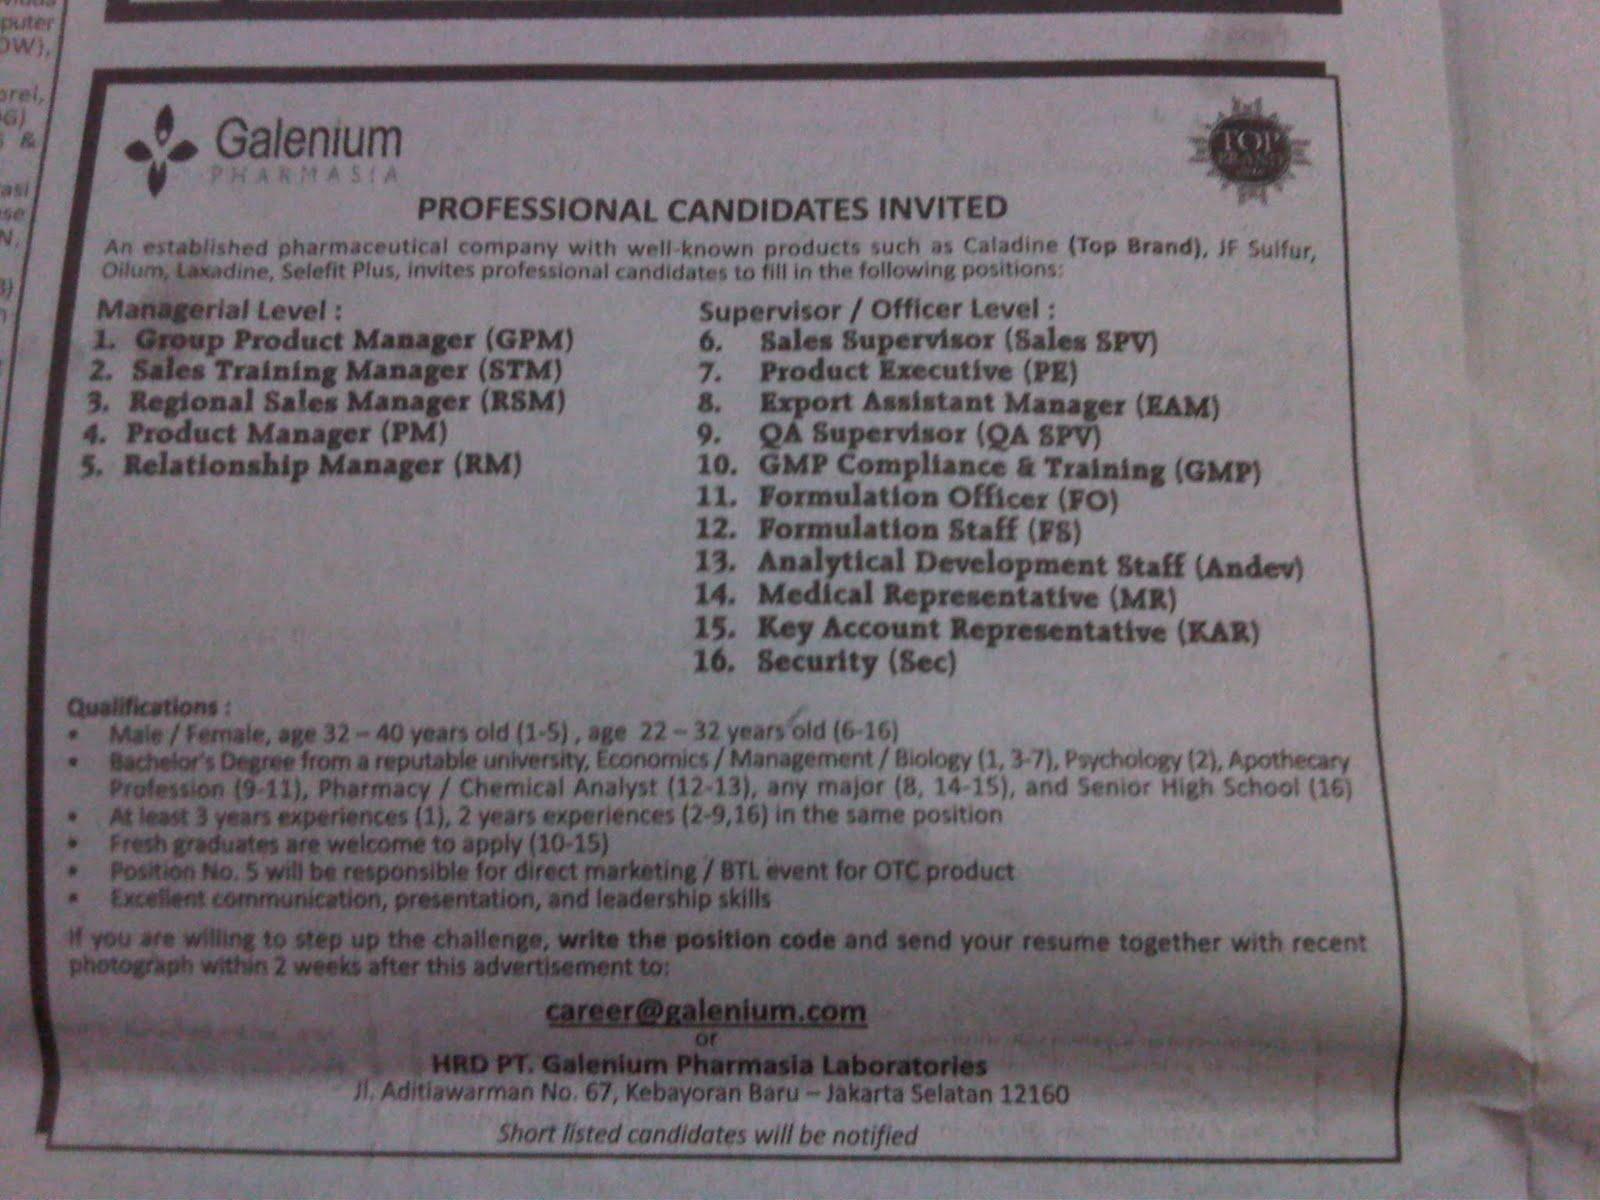 Lowker Blitar Find Job Vacancies In Indonesia Jobsdb Indonesia 2011 Di Gelenium Pharmasia Dari Iklan Lowongan Kerja Koran Kompas